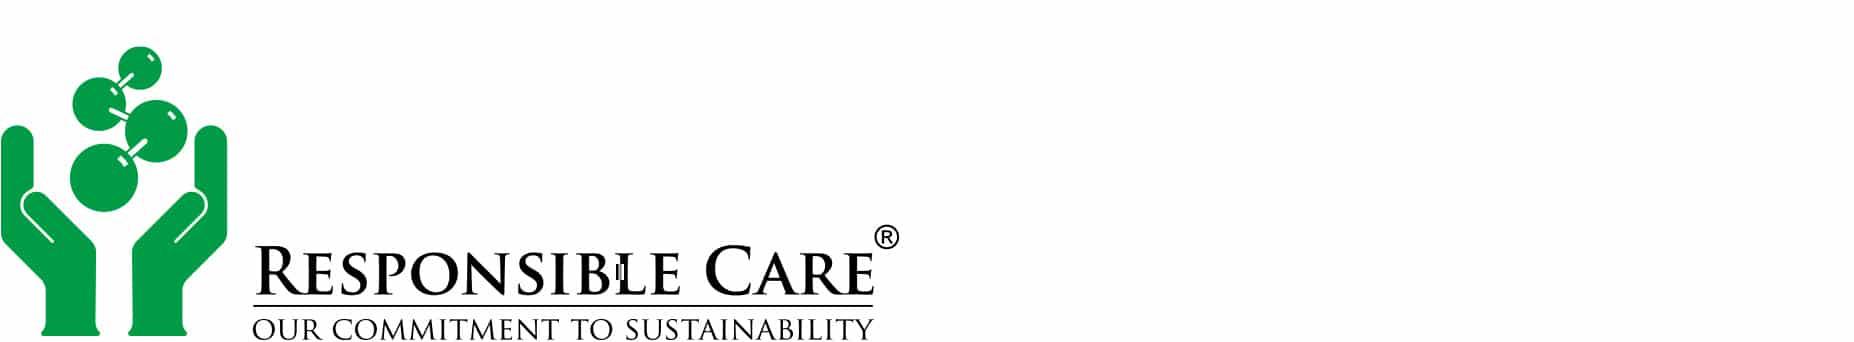 Umweltbroschüre Budenheim Auszeichnung Responsible Care